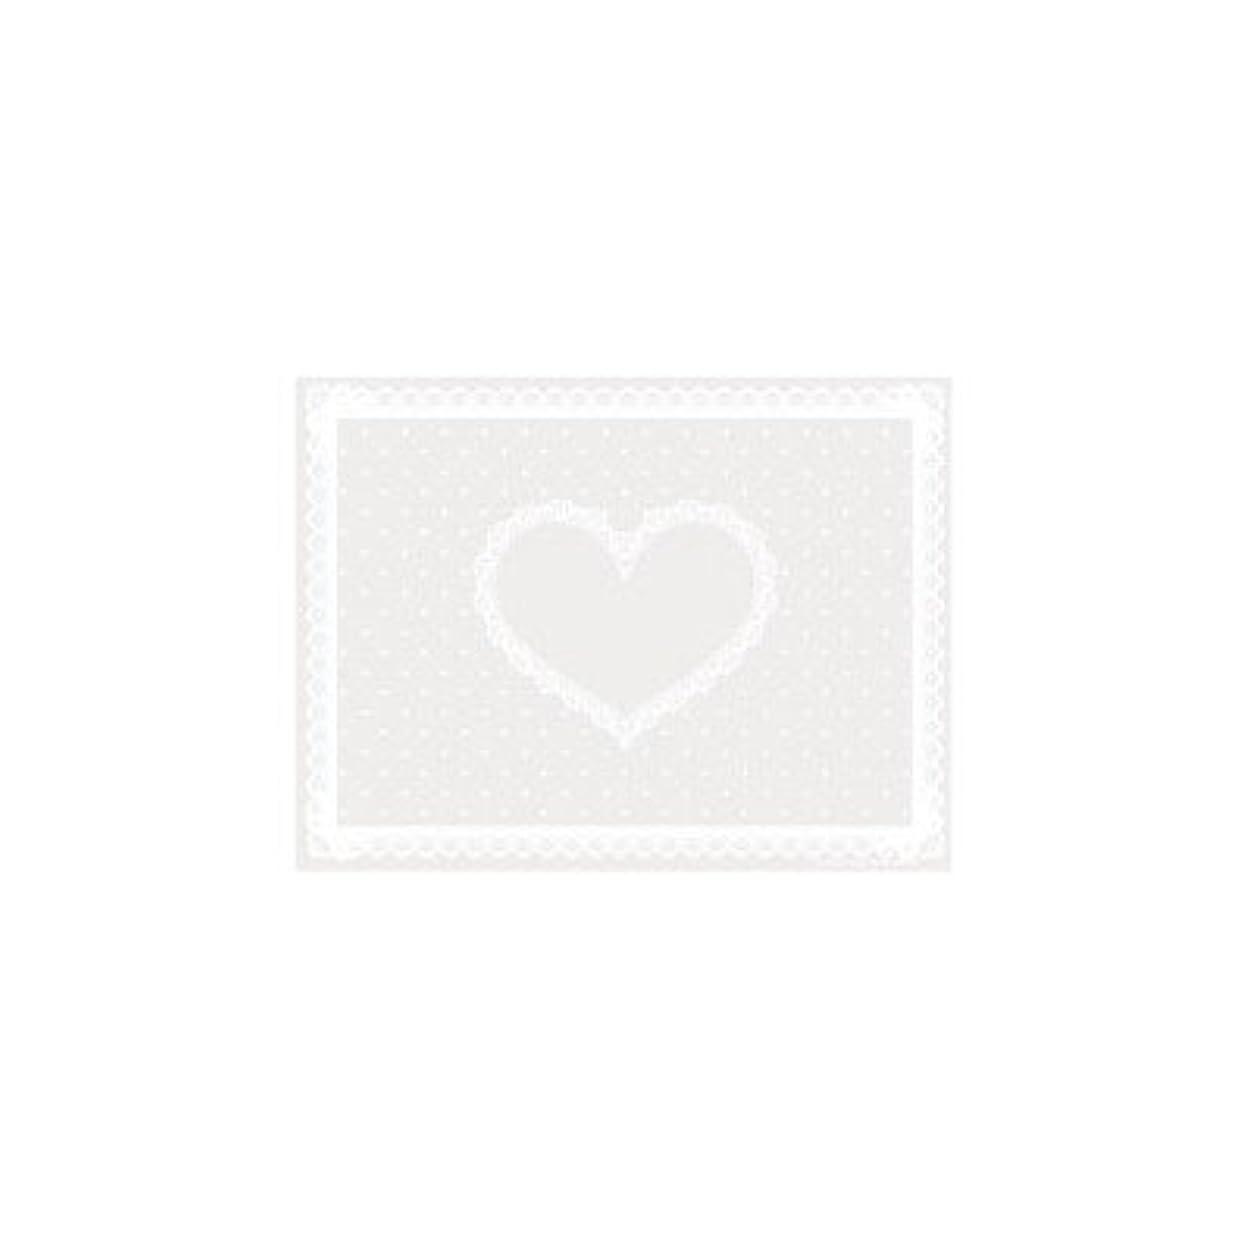 盗賊部キャンディーシリコン ネイルマット ホワイト ミニサイズ